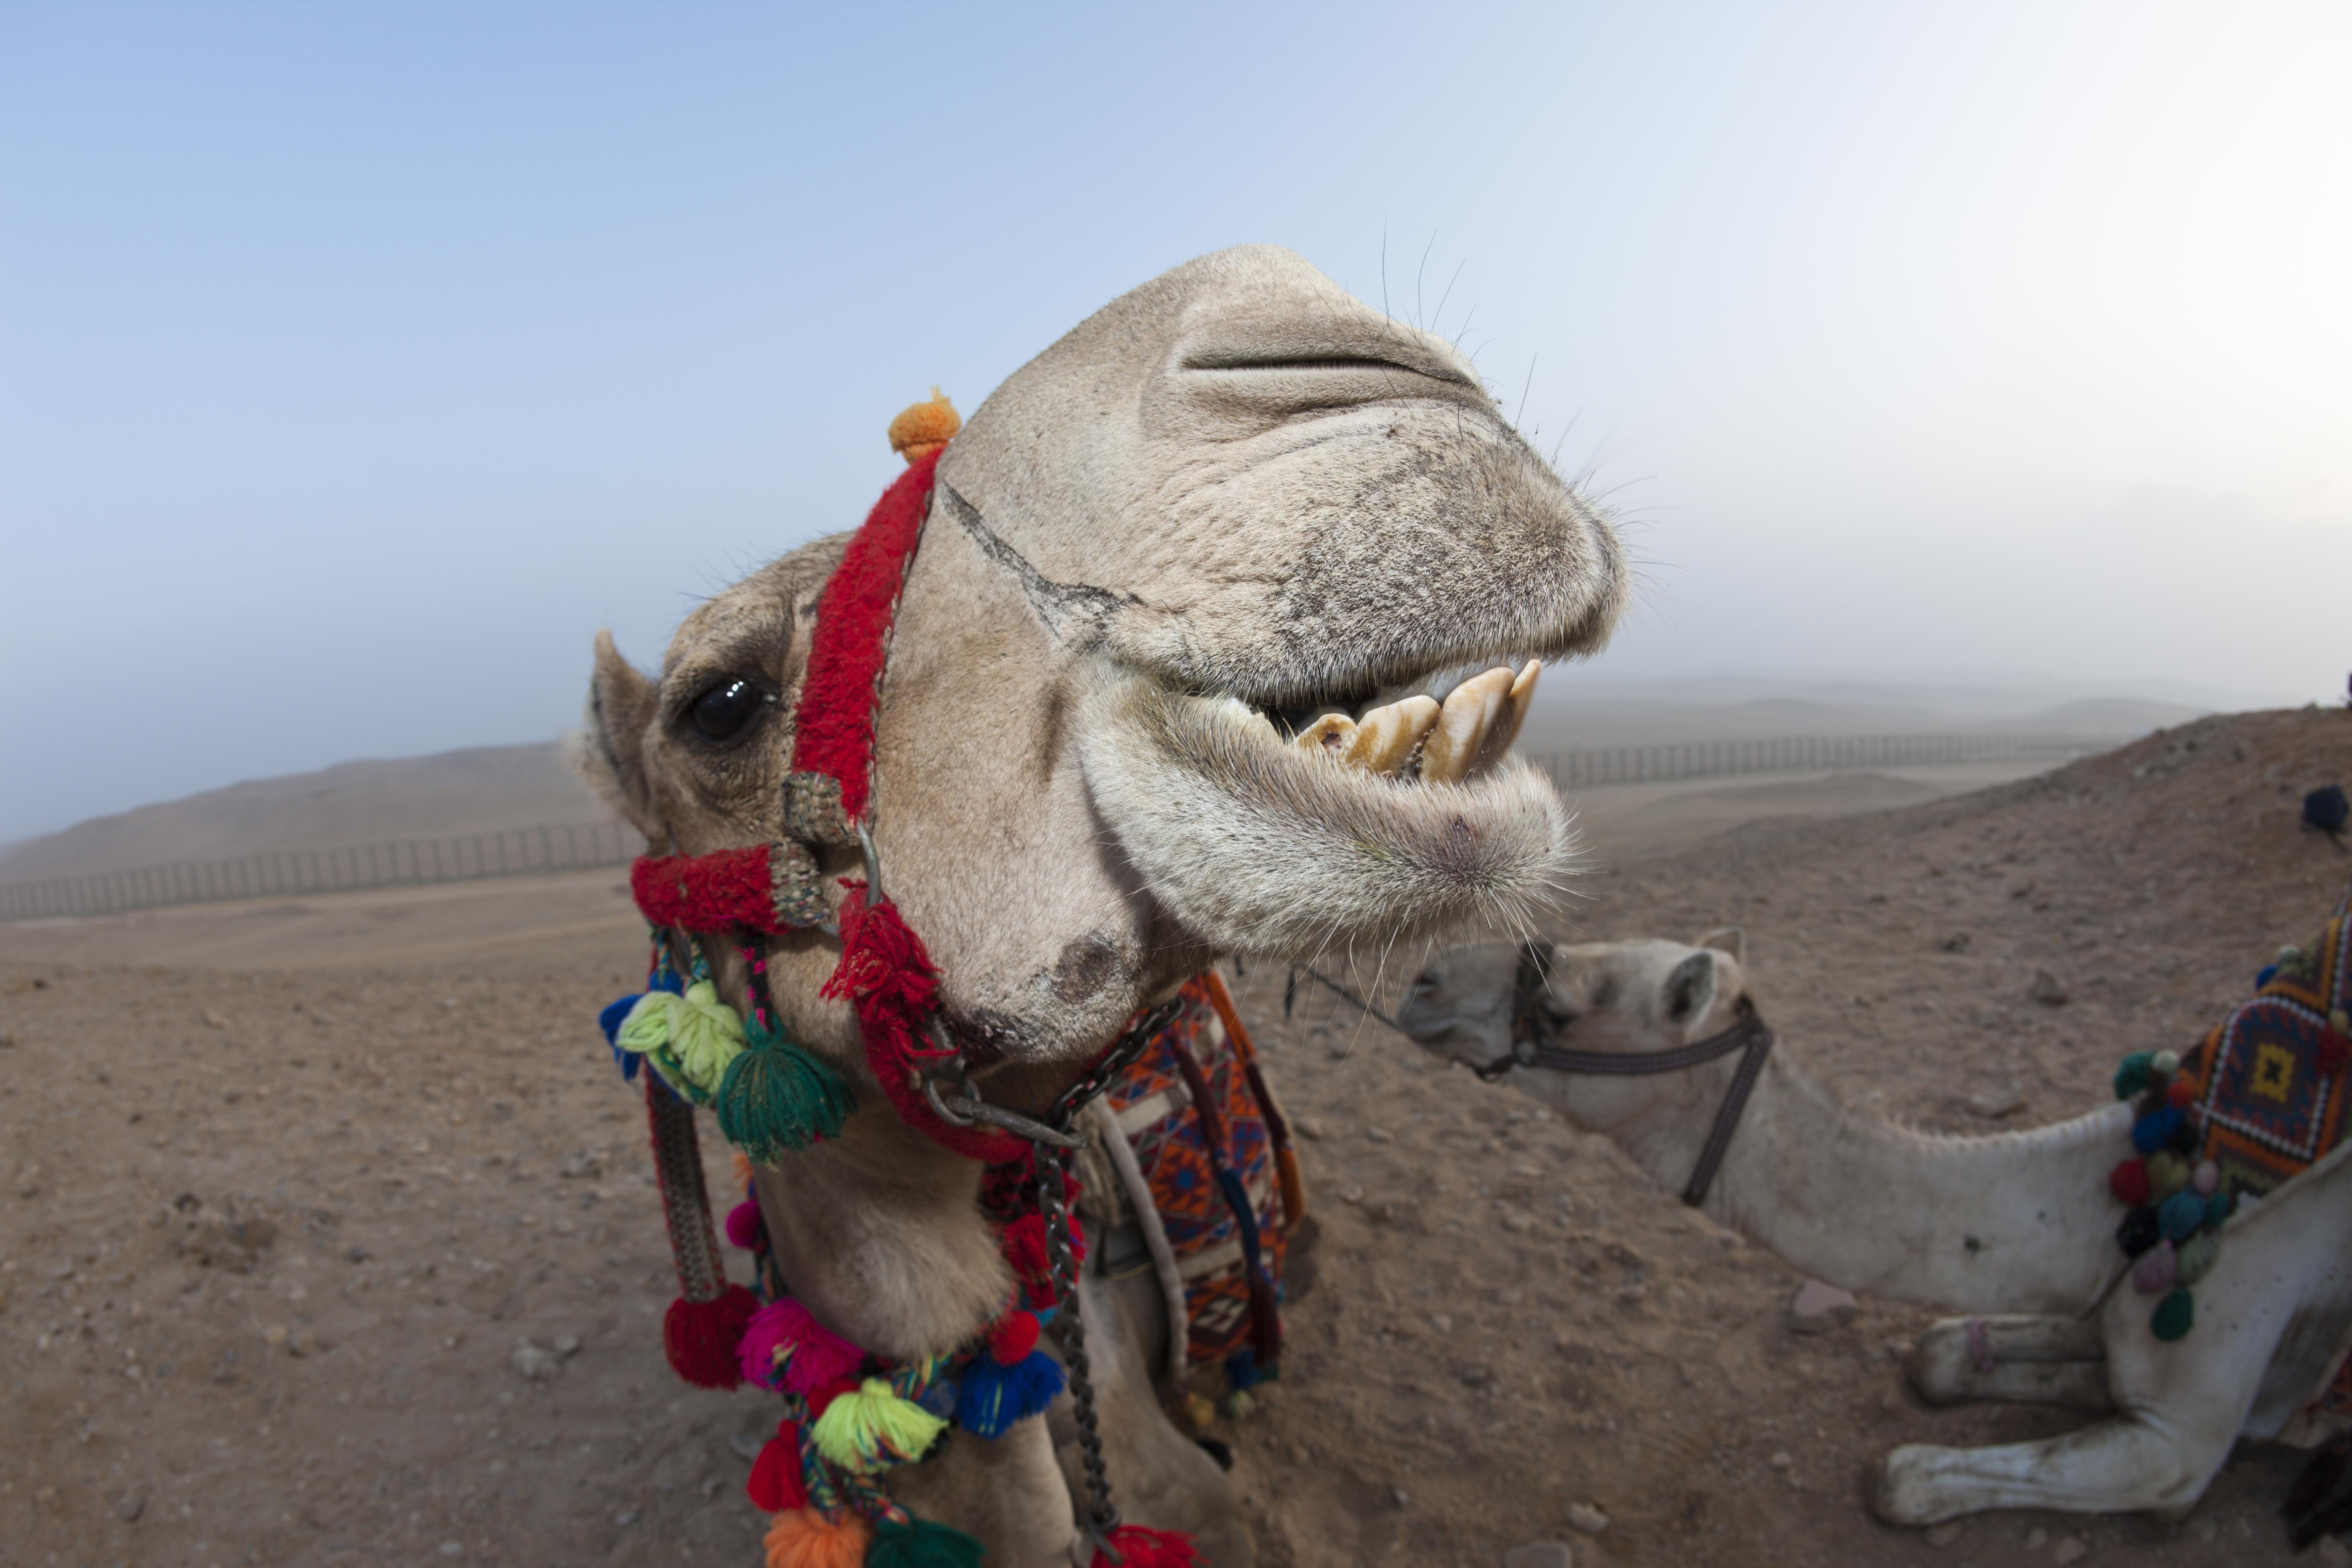 Dromedary, Arabian Camel, Camelus dromedarius, Cairo, Egypt